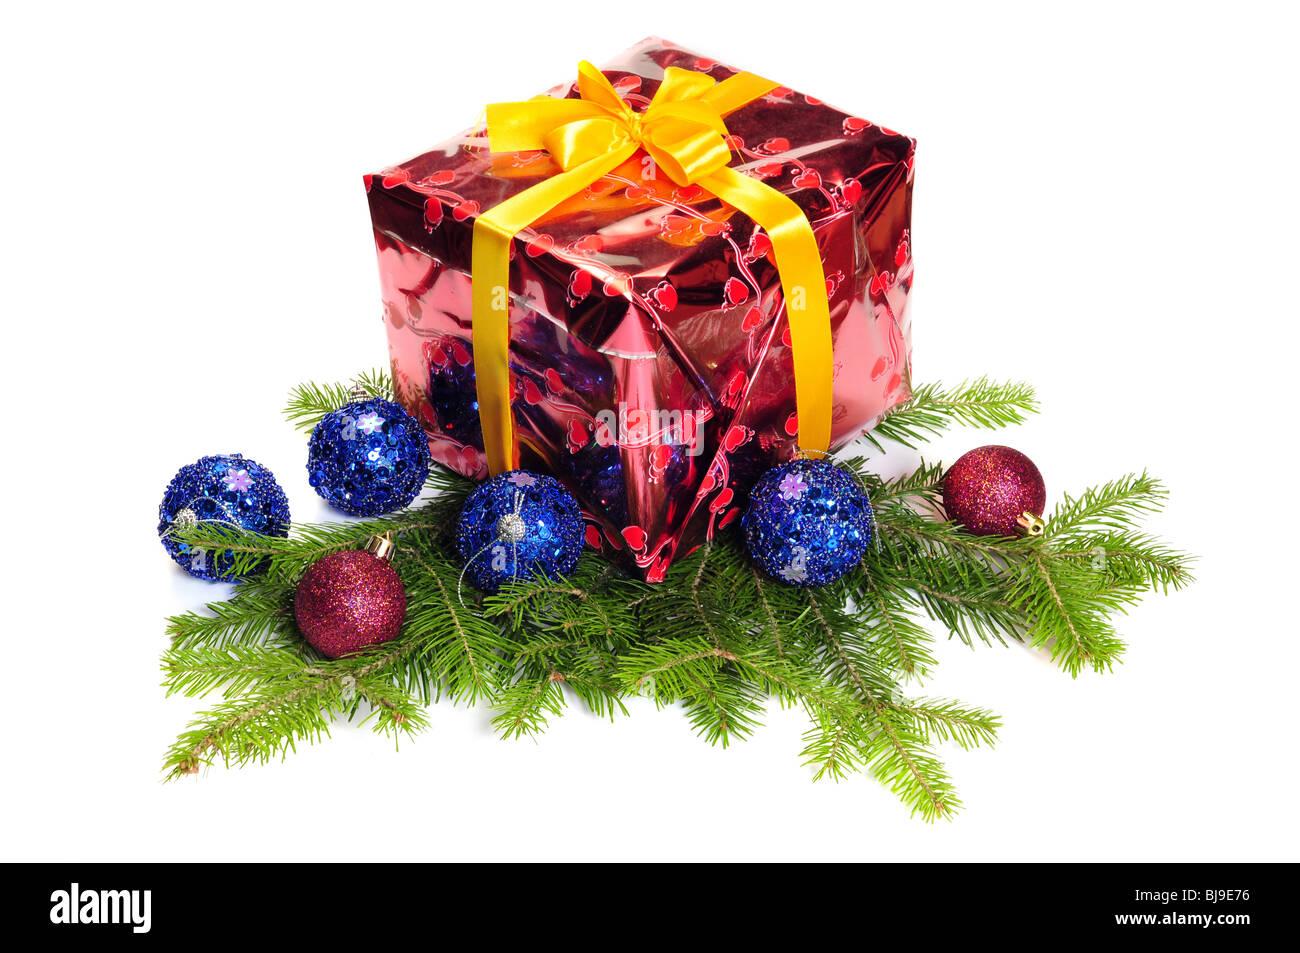 Boîte cadeau et décoration de Noël sur fond blanc Photo Stock